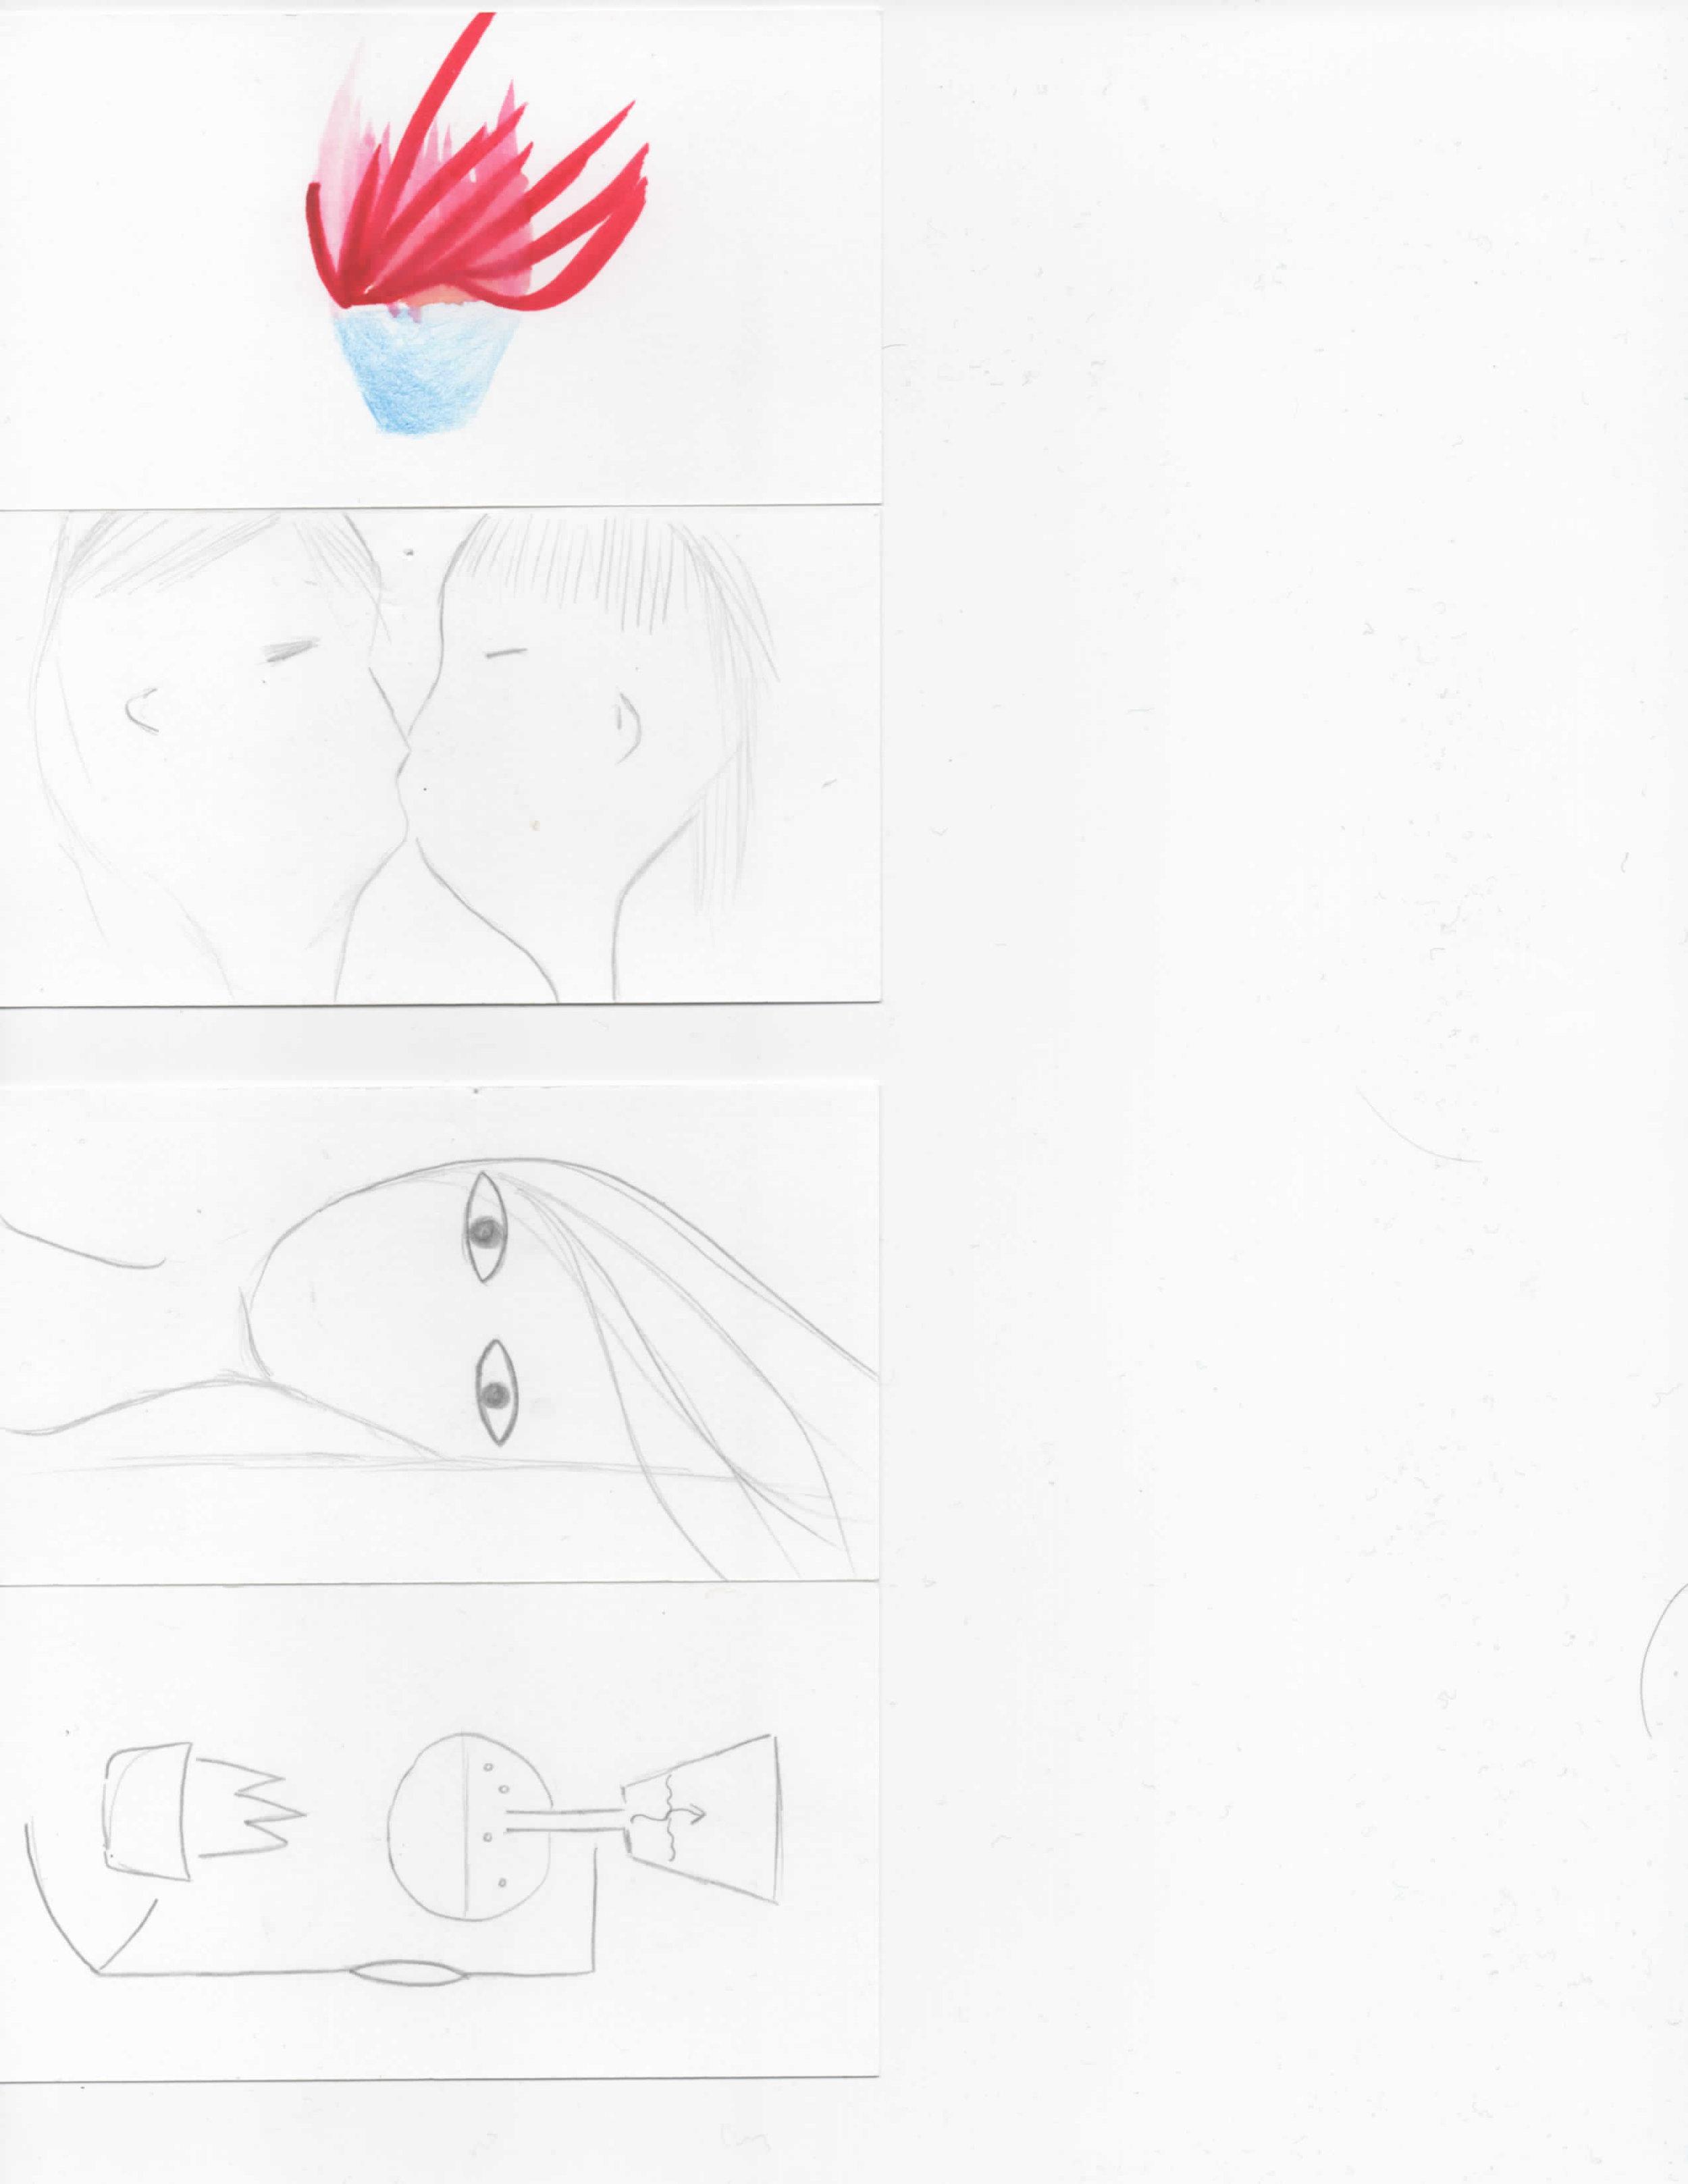 CFD-Storyboard-v3_Page_1.jpg